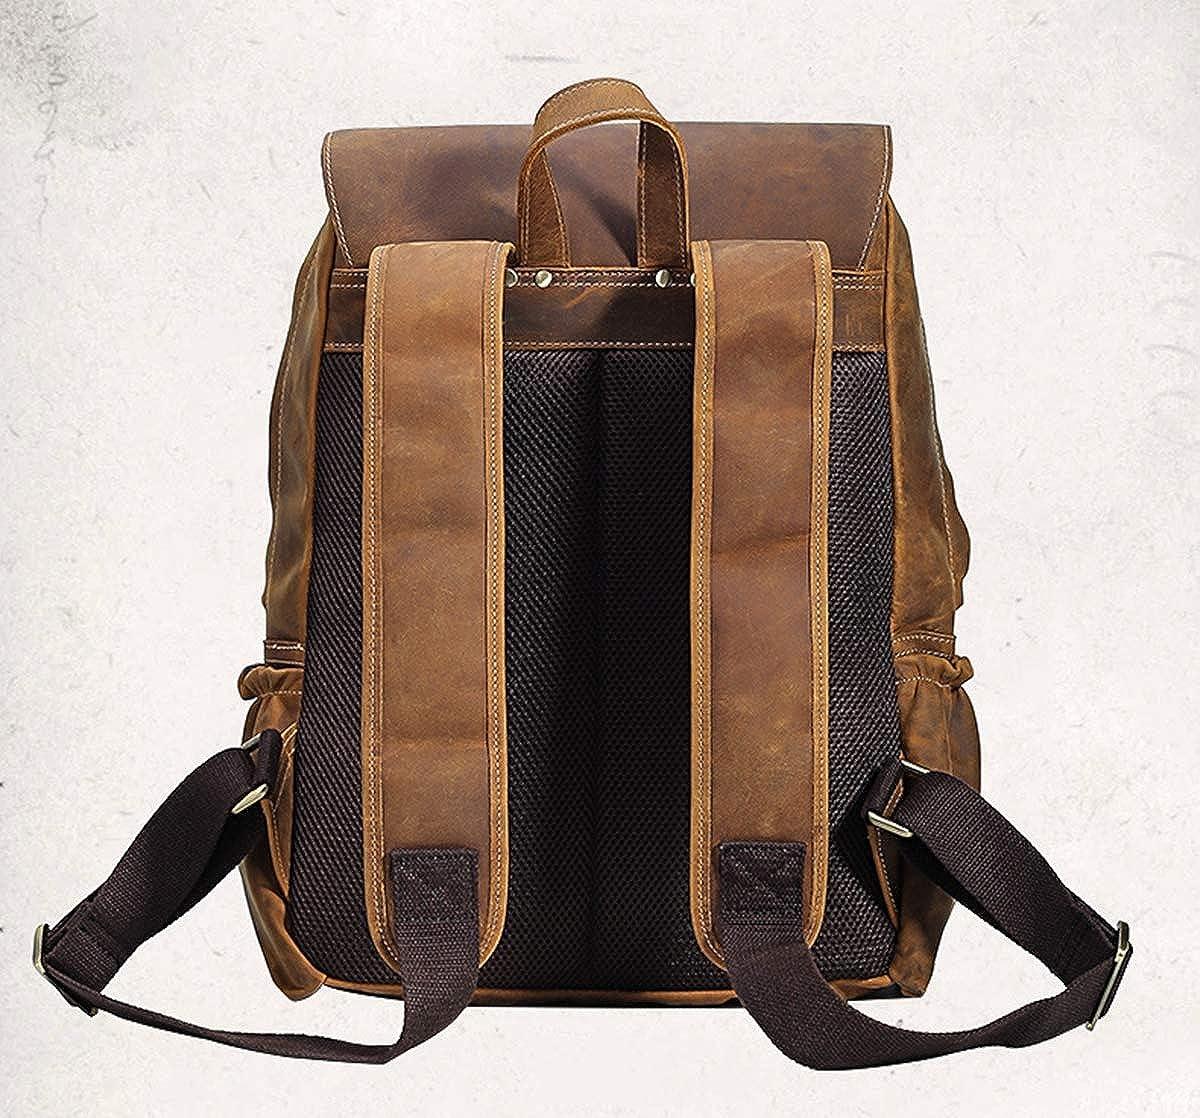 Vintage Mens Leather Travel Backpack School Leather Backpack Bag Handmade Laptop Backpack